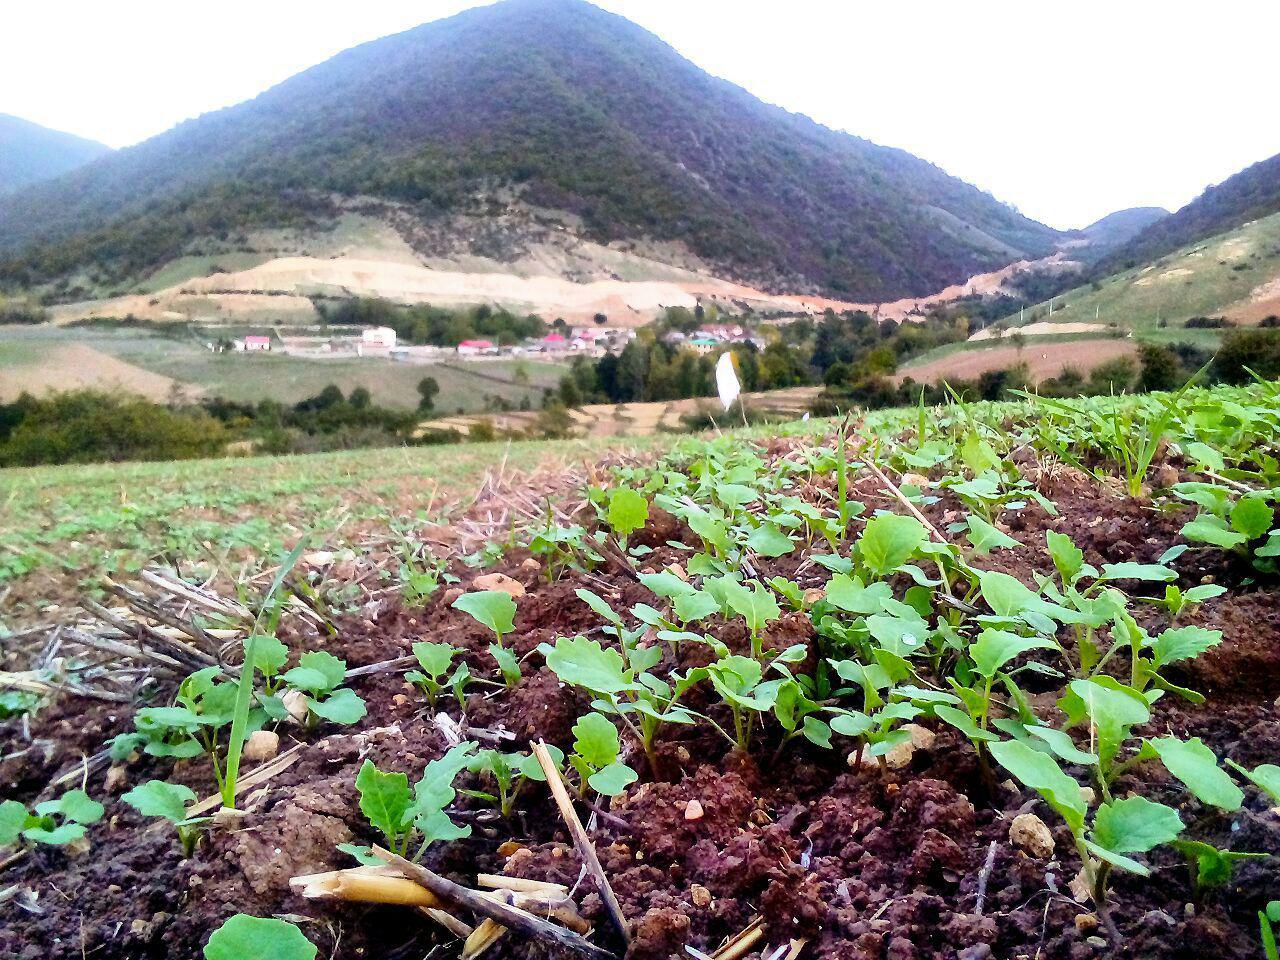 کشاورزان چهاردانگه ای اقدام به سمپاشی مزارع کلزا کنند